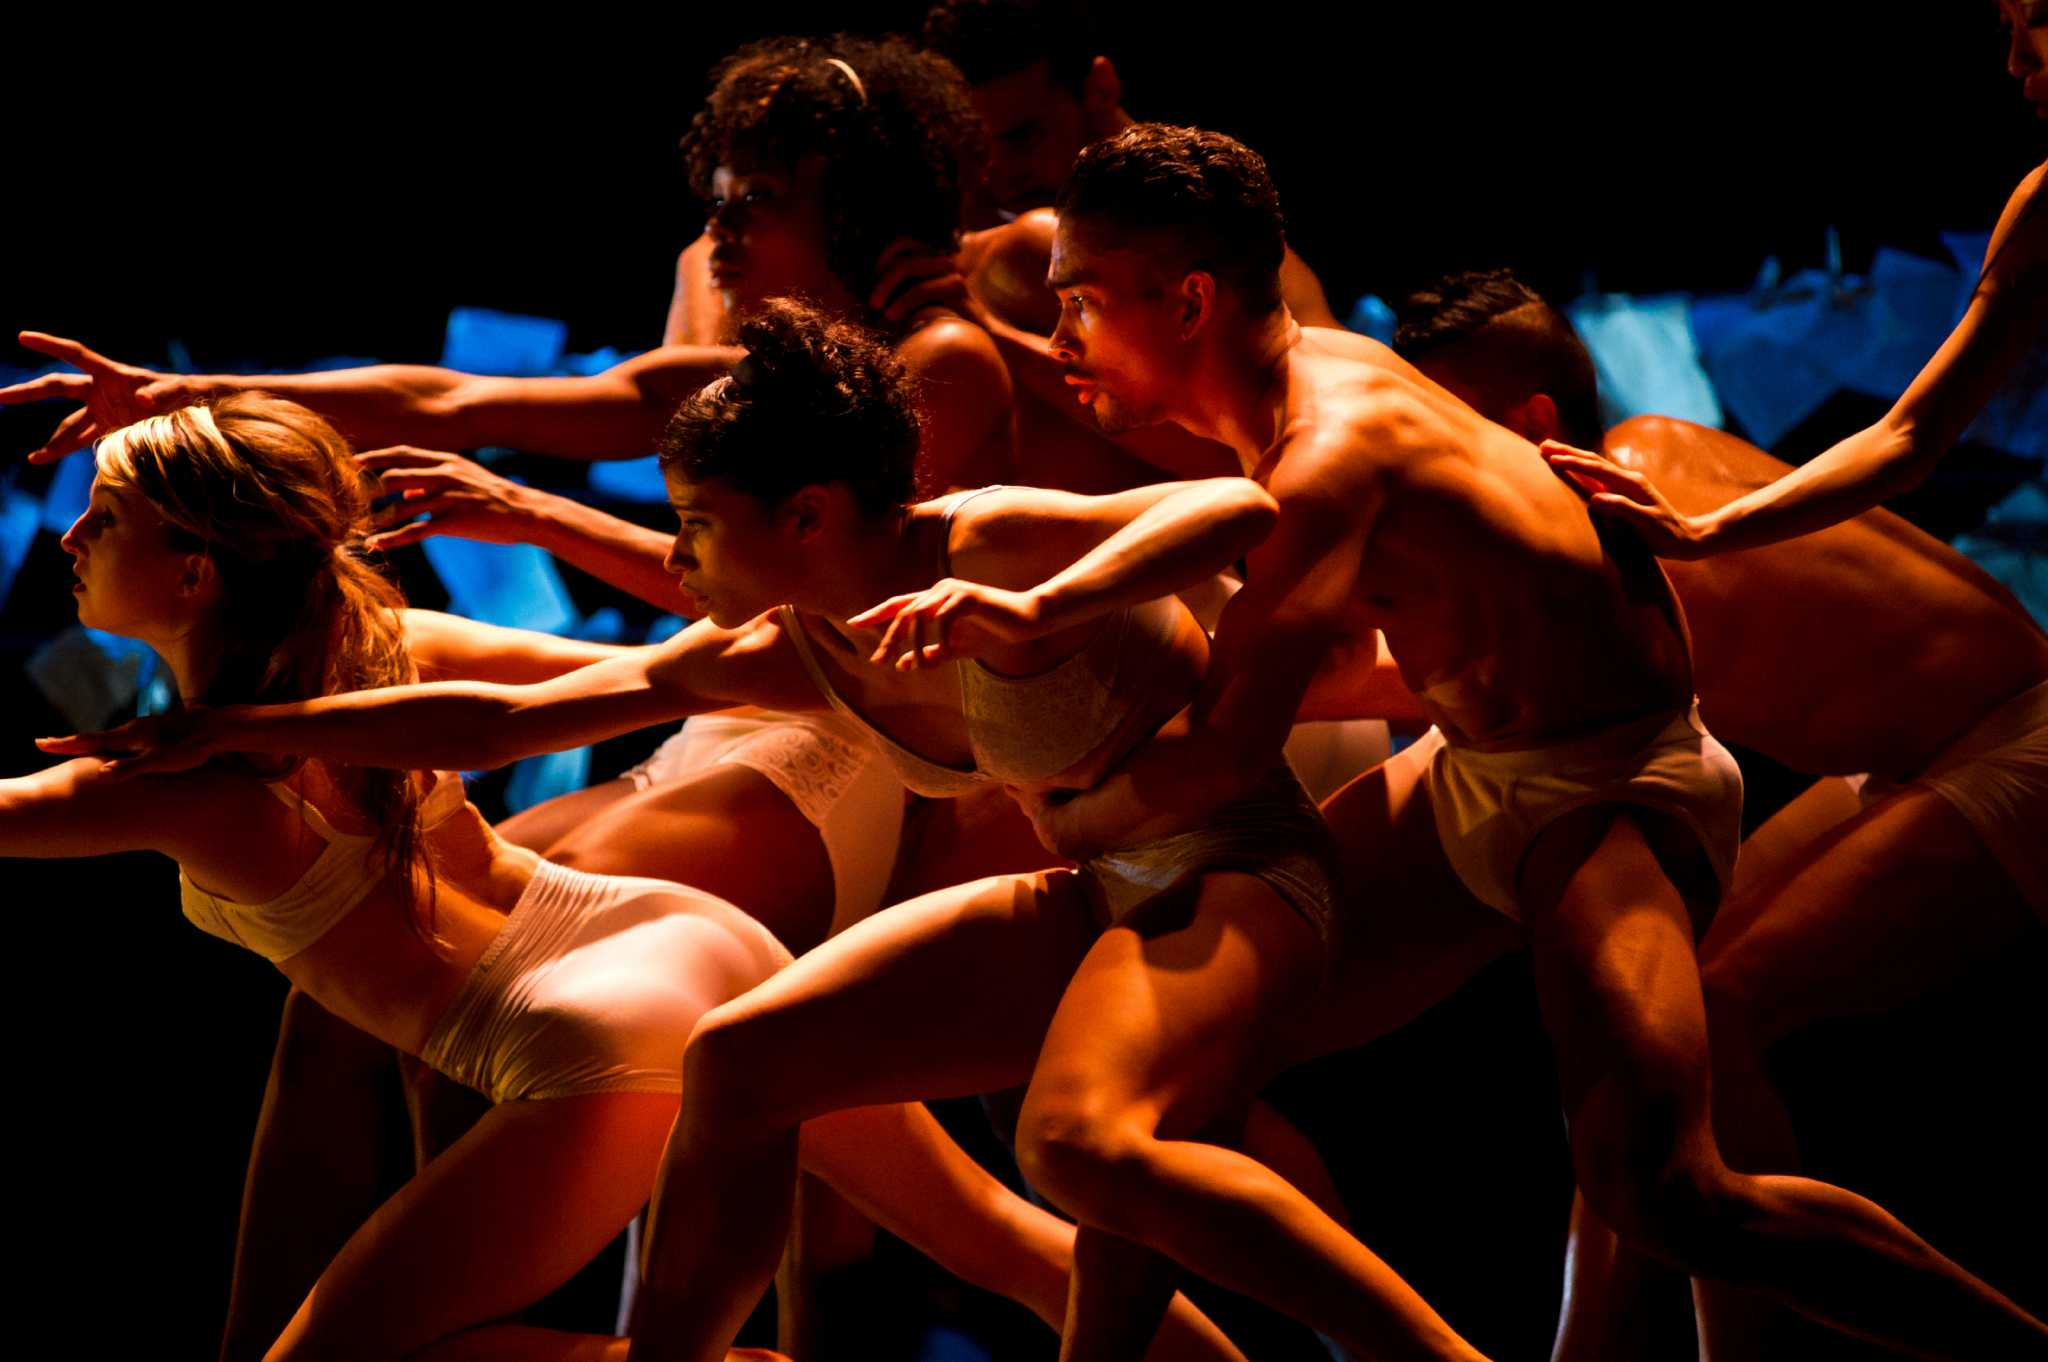 танцы с голыми женщинами фото знаю сколько